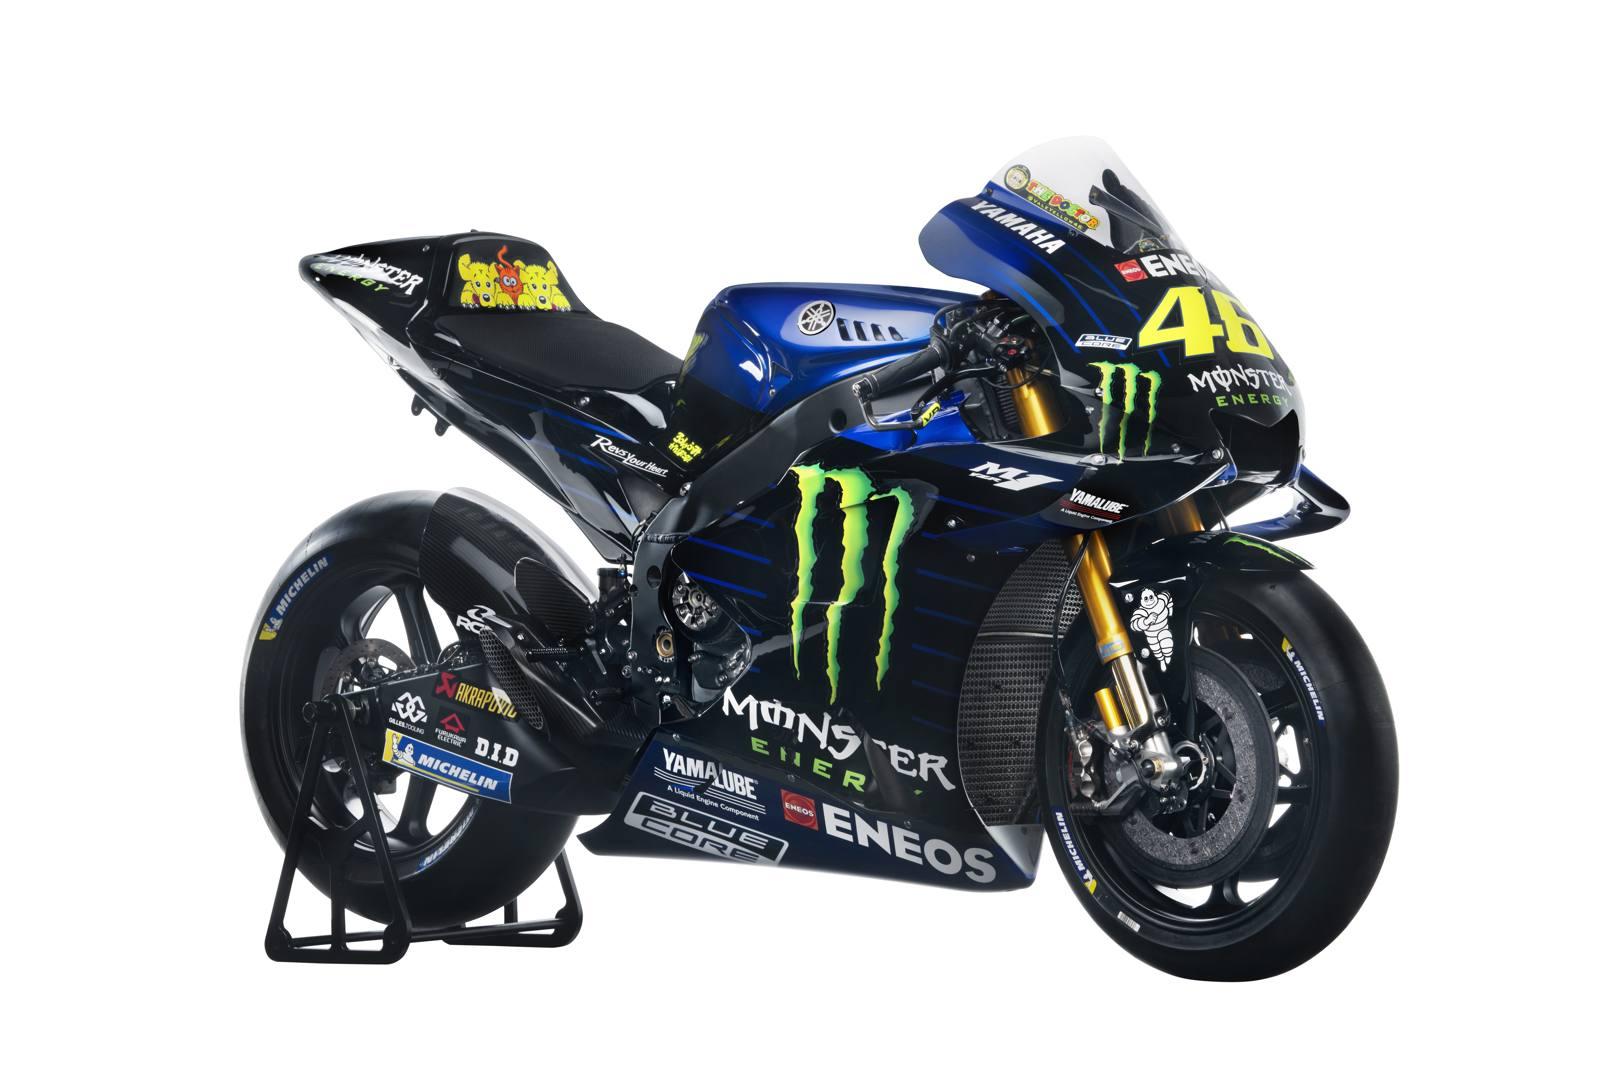 Presentata a Giacarta la nuova Yamaha con cui Valentino Rossi e Maverick Viñales affronteranno il nuovo Mondiale della MotoGP. Eccola in dettaglio